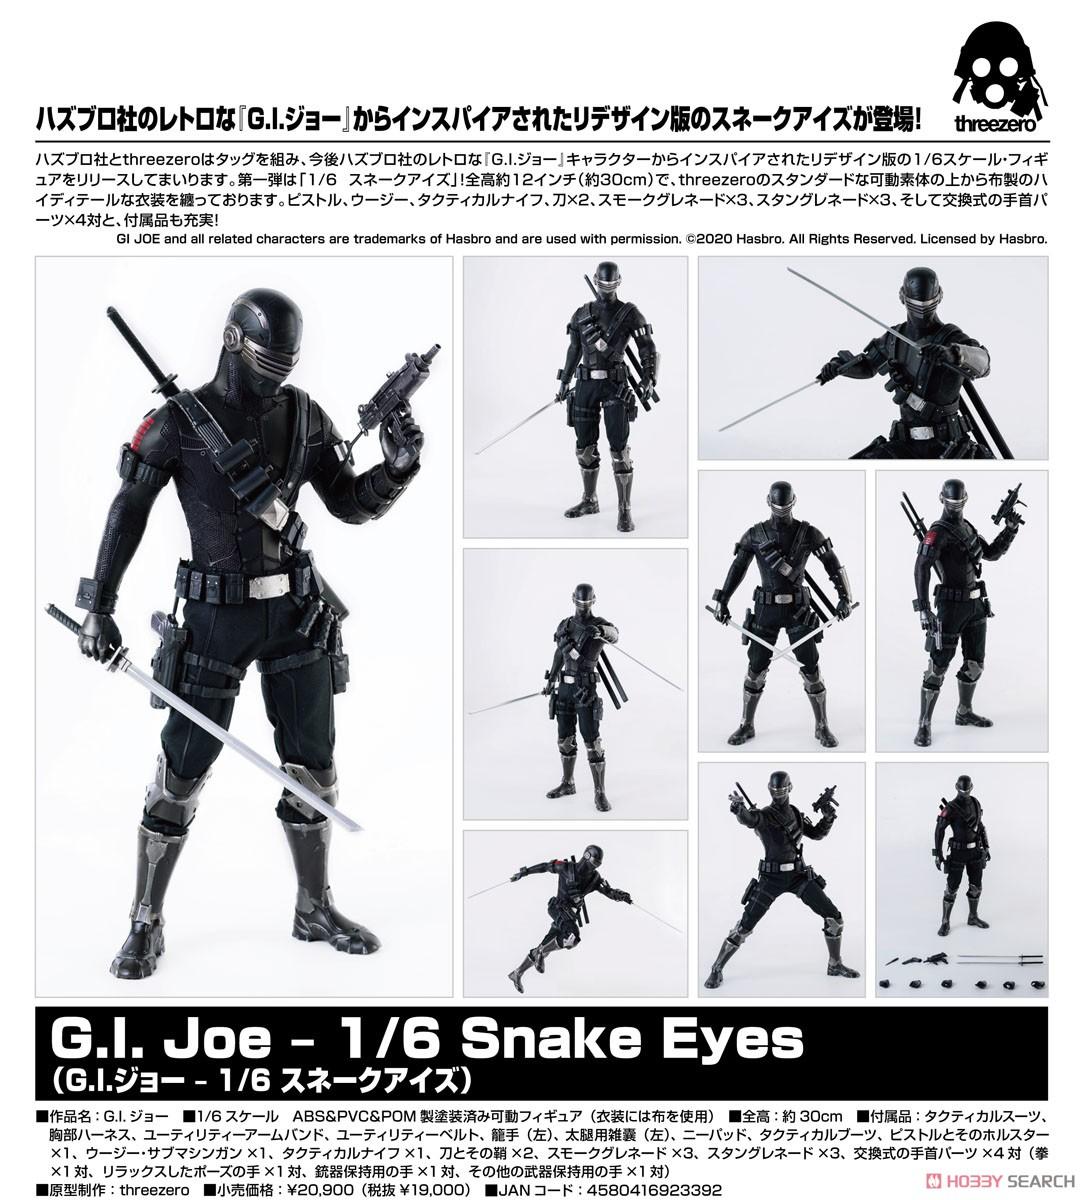 G.I.ジョー『スネークアイズ(Snake Eyes)』G.I. Joe 1/6 可動フィギュア-011